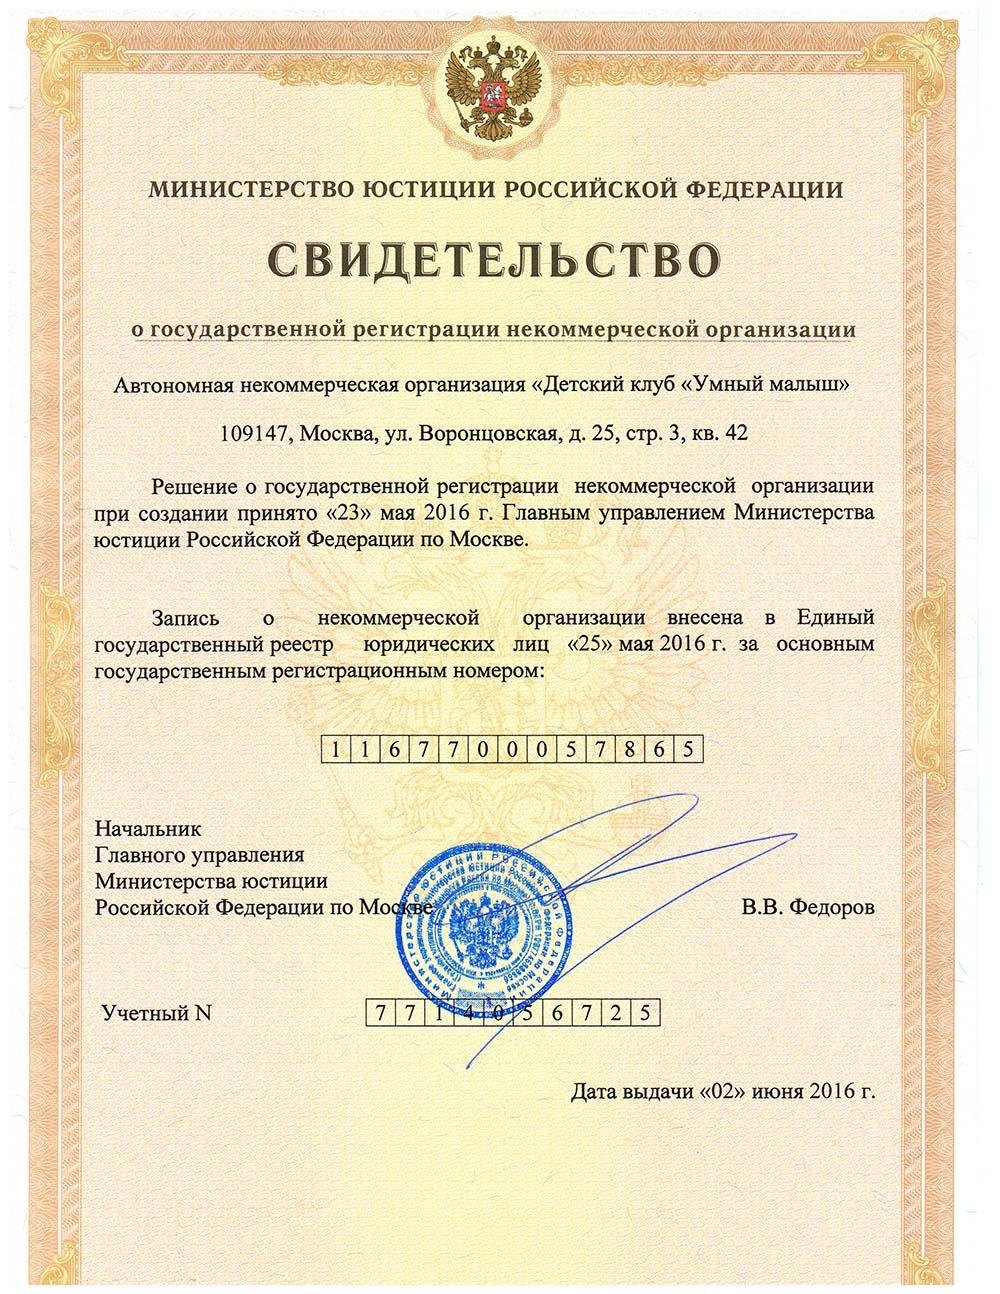 Свидетельство о регистрации некоммерческой организации